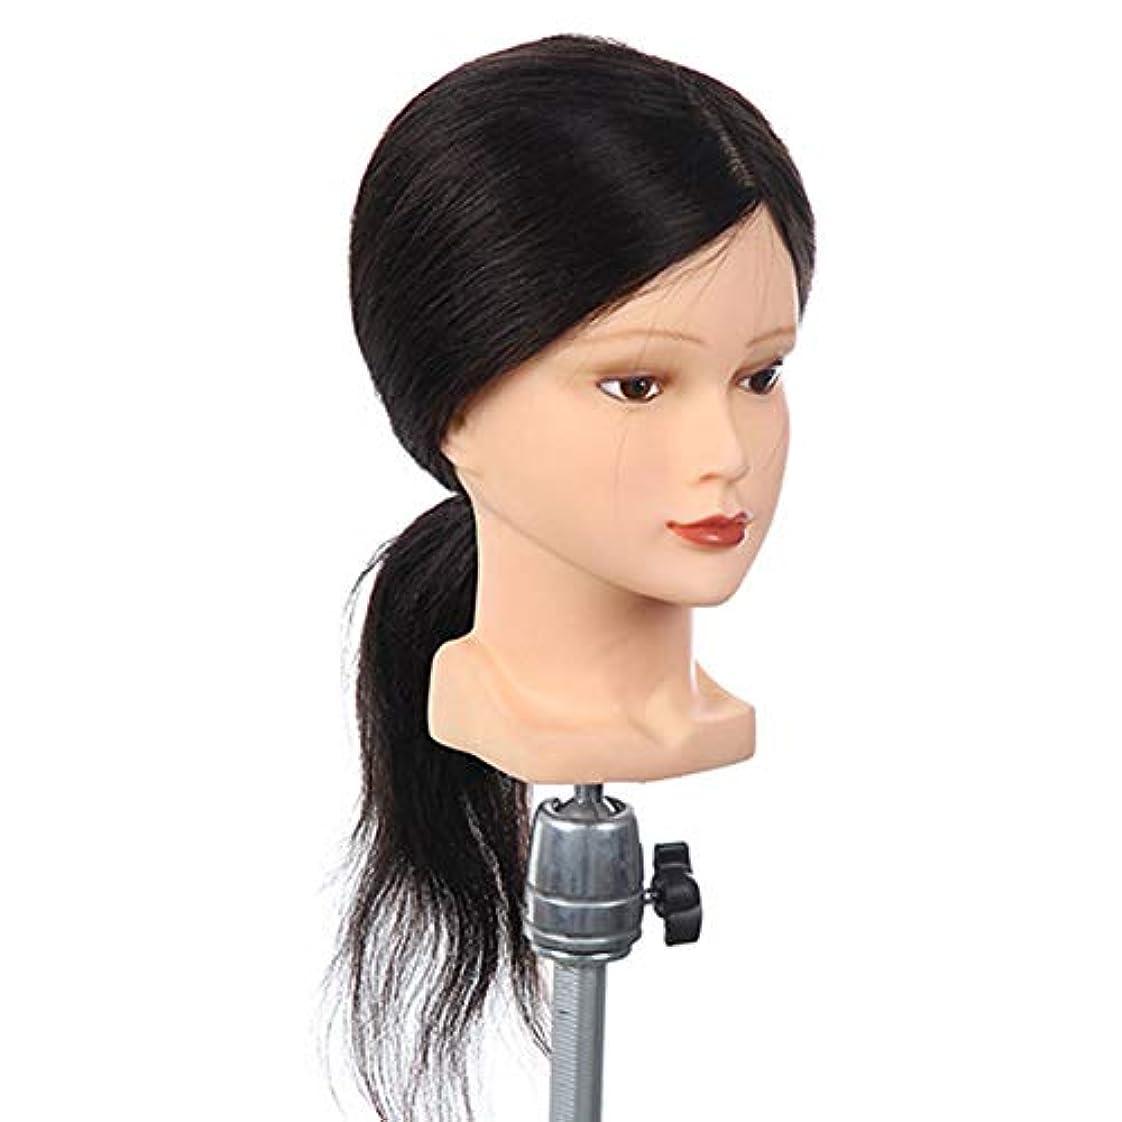 サミットグローバル体系的に100%本物の髪型モデルヘッド花嫁ヘアエクササイズヘッド金型理髪店学習ダミーヘッドはパーマ毛髪染料することができます